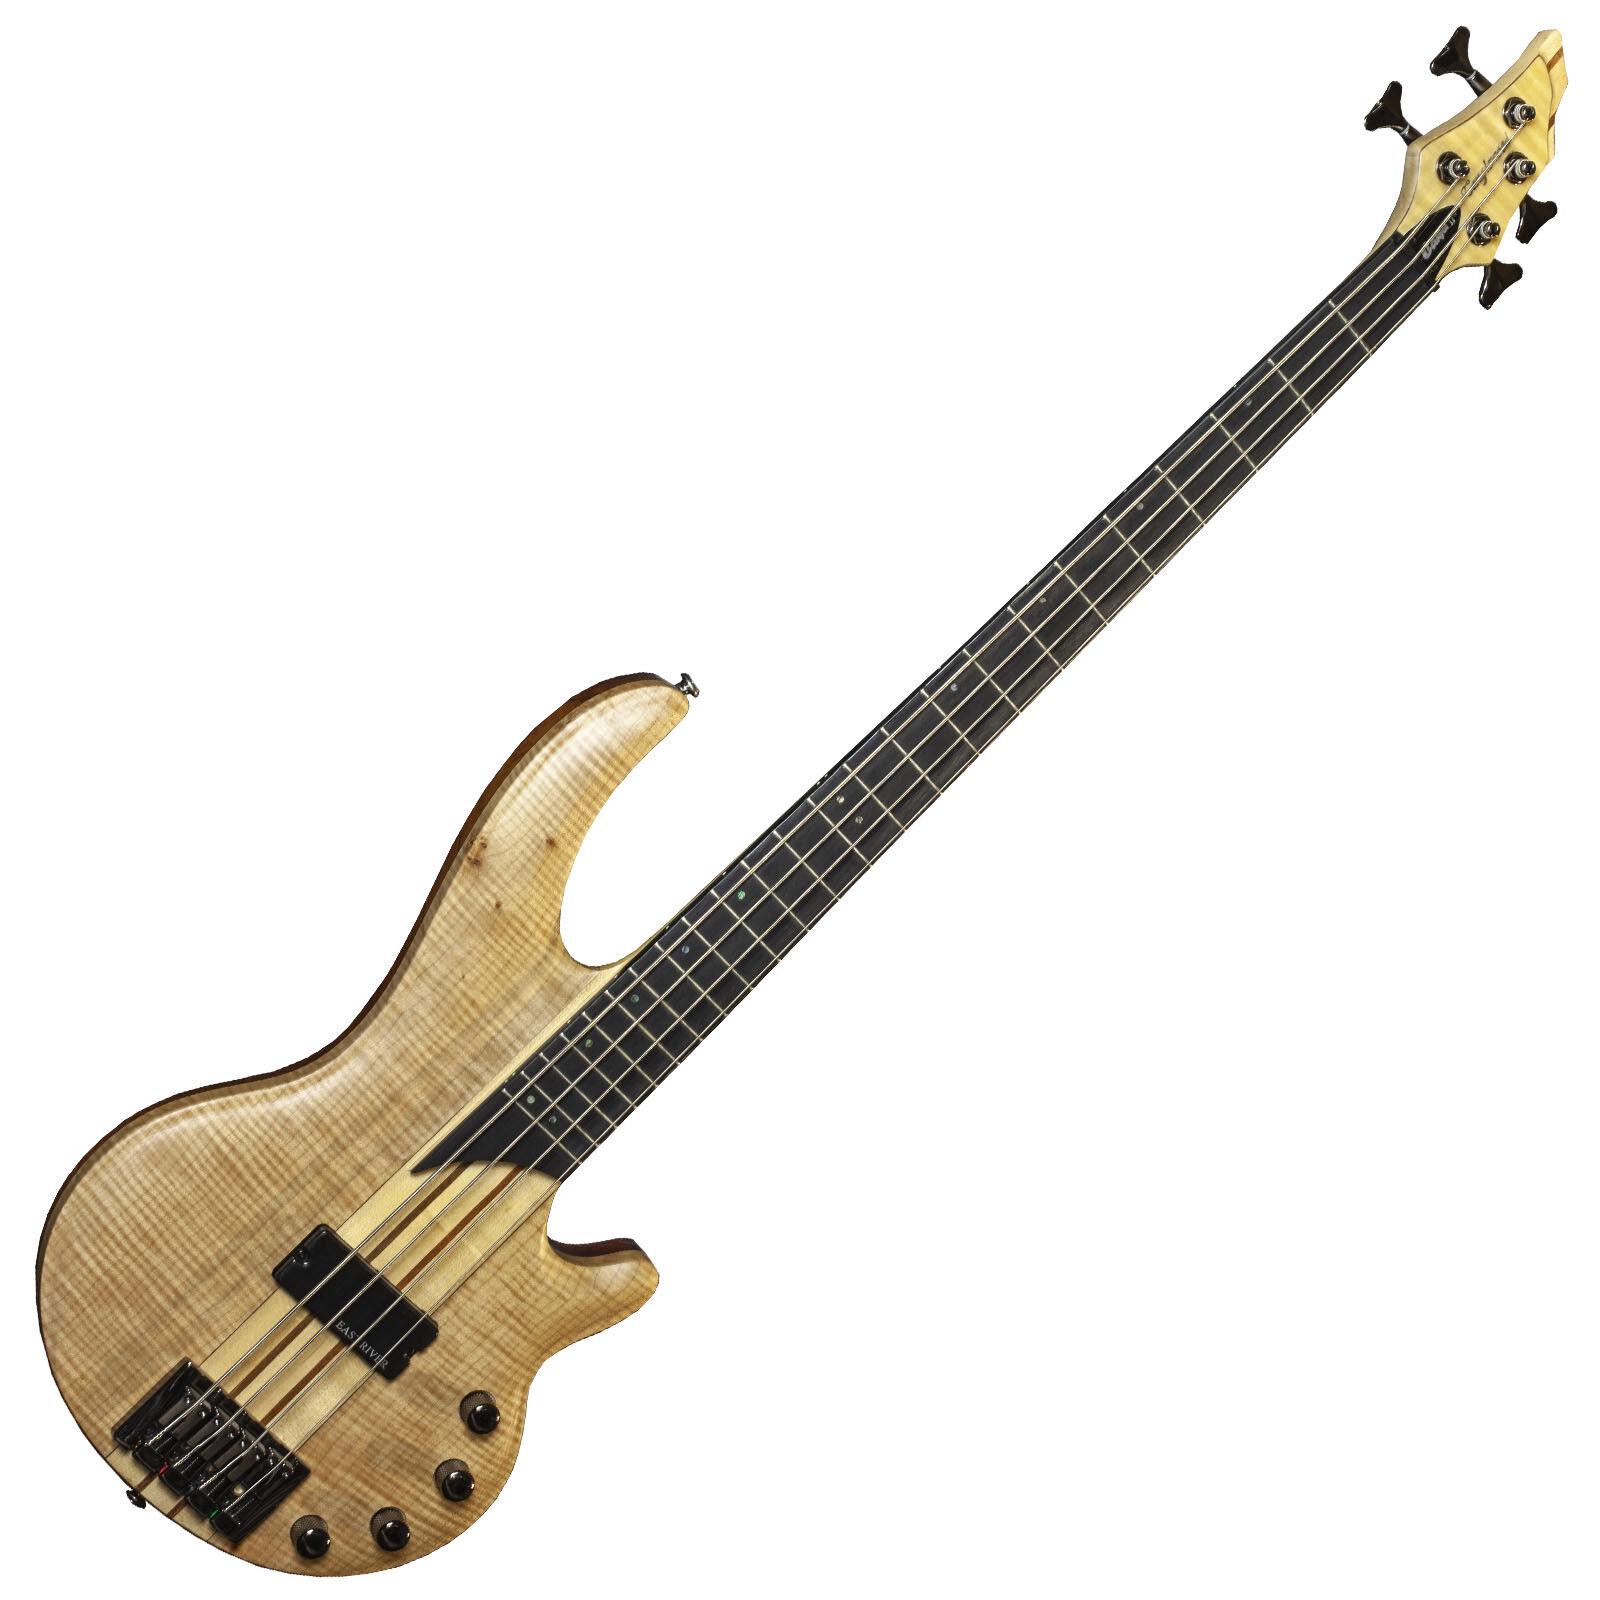 Escala de largo Tanglewood Canyon II Bajo Eléctrico Guitarra Guitarra Guitarra Arce Flameado EQ activas ae46ea